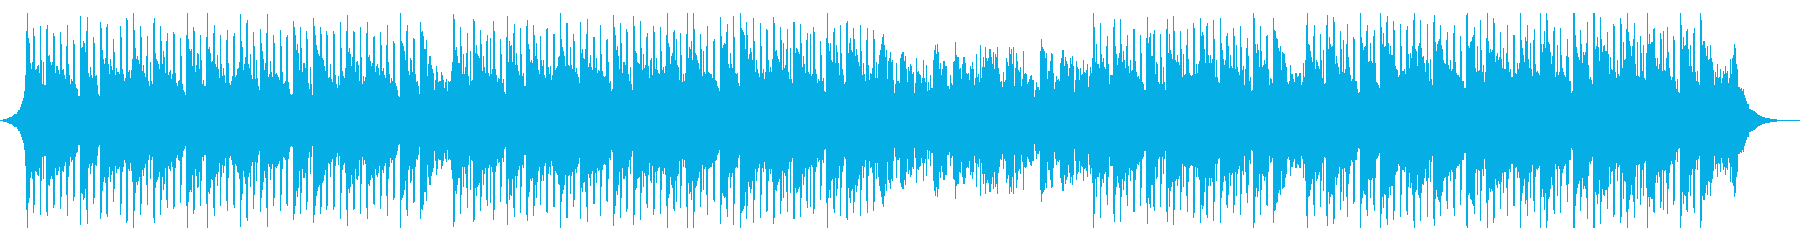 説明者向けの再生済みの波形